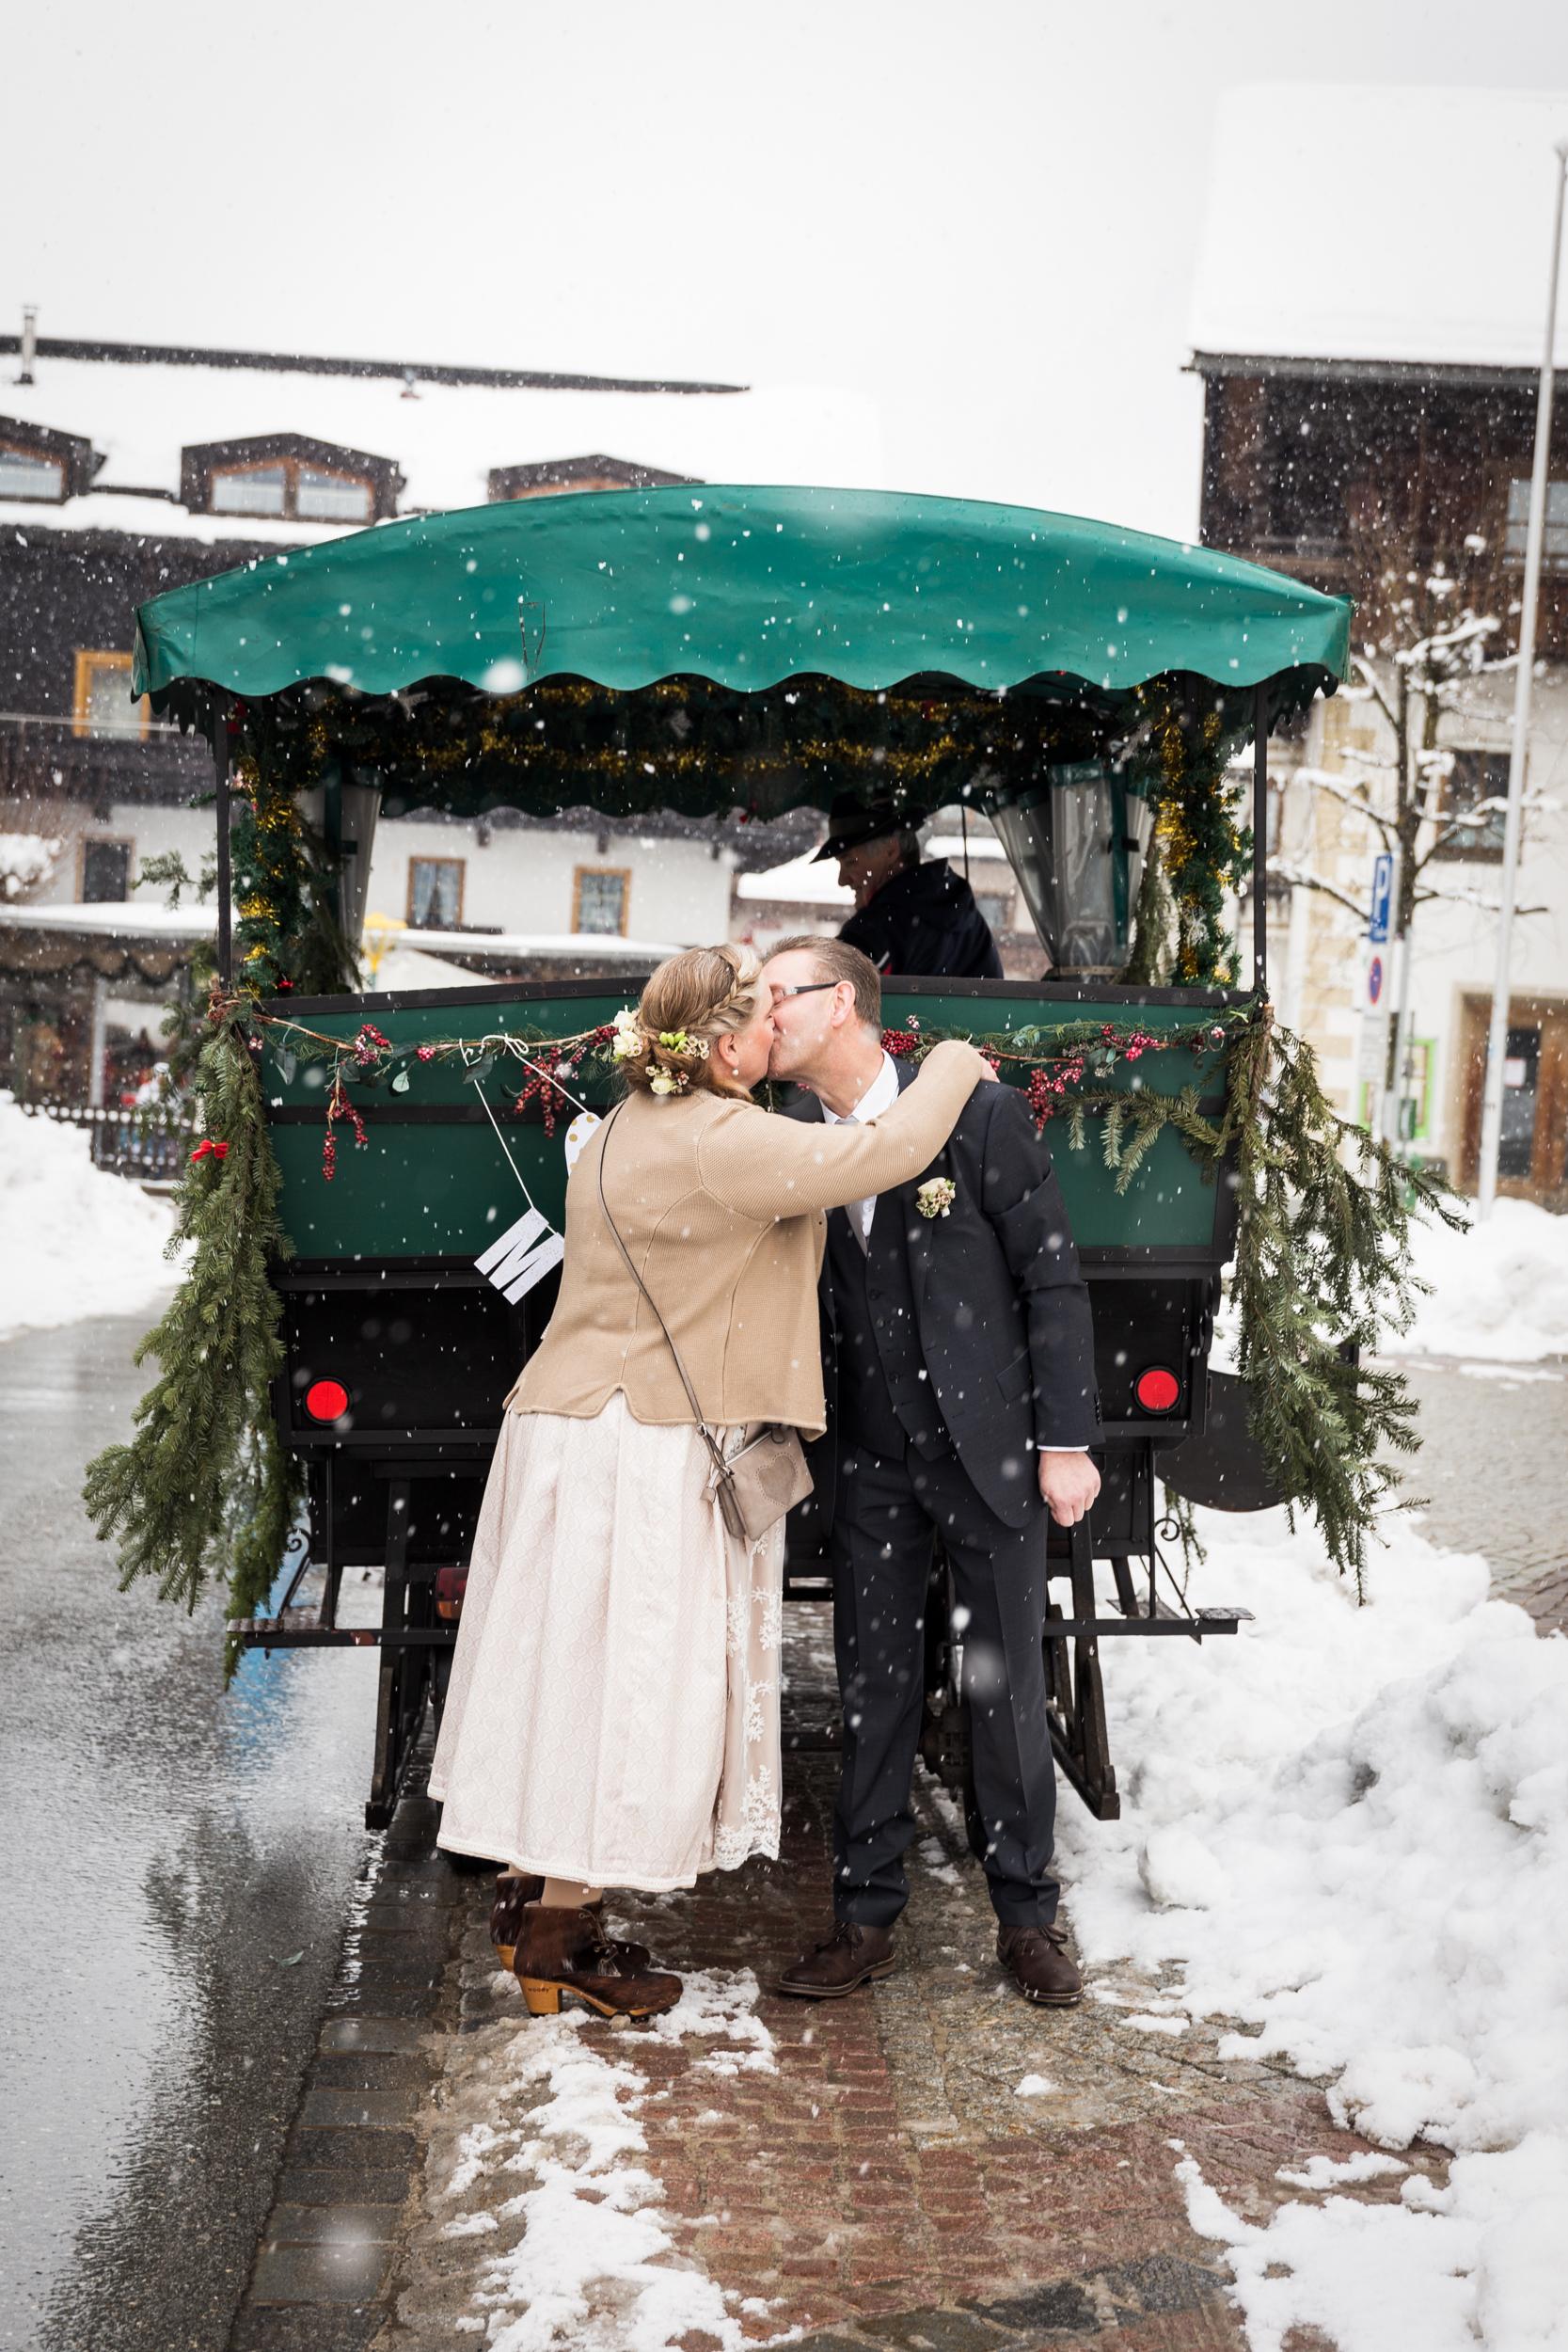 20190212_Hochzeit Koenig_0520.jpg